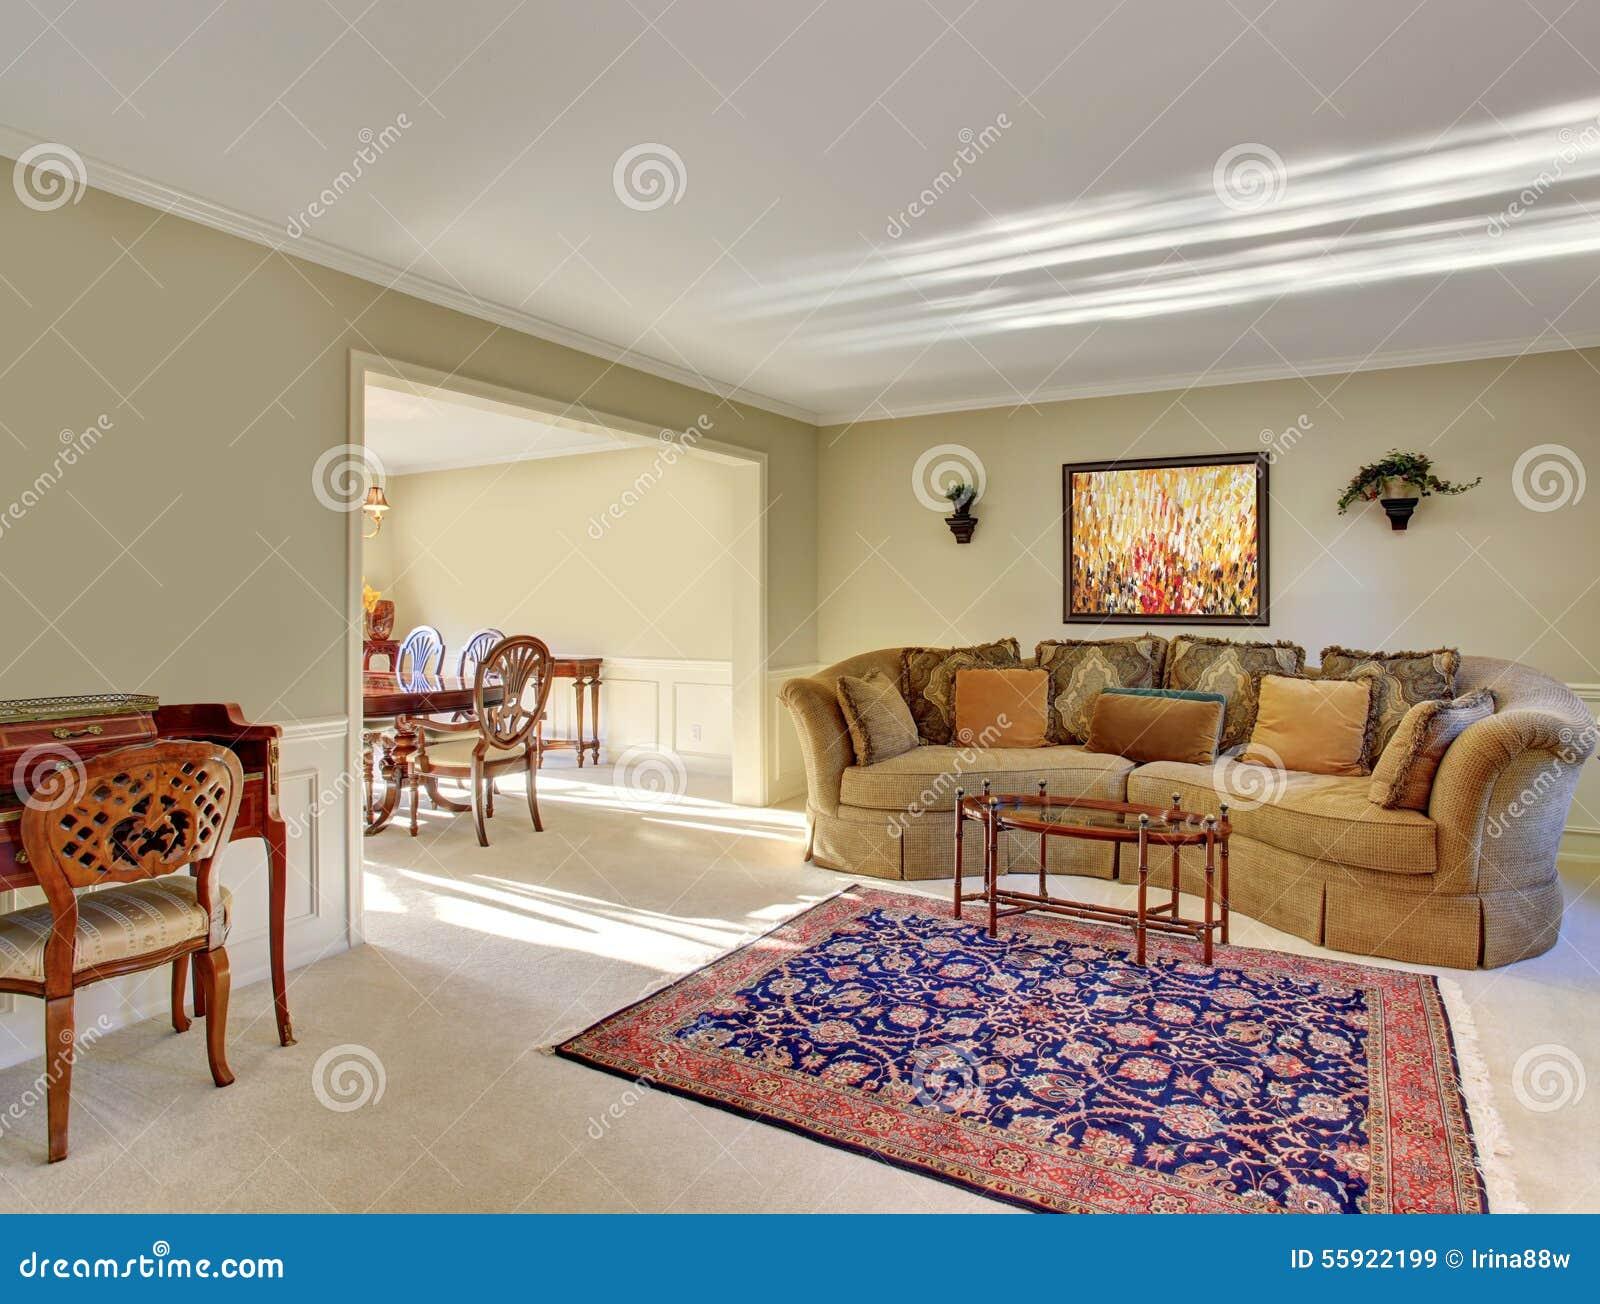 https://thumbs.dreamstime.com/z/elegante-woonkamer-met-mooi-decor-55922199.jpg